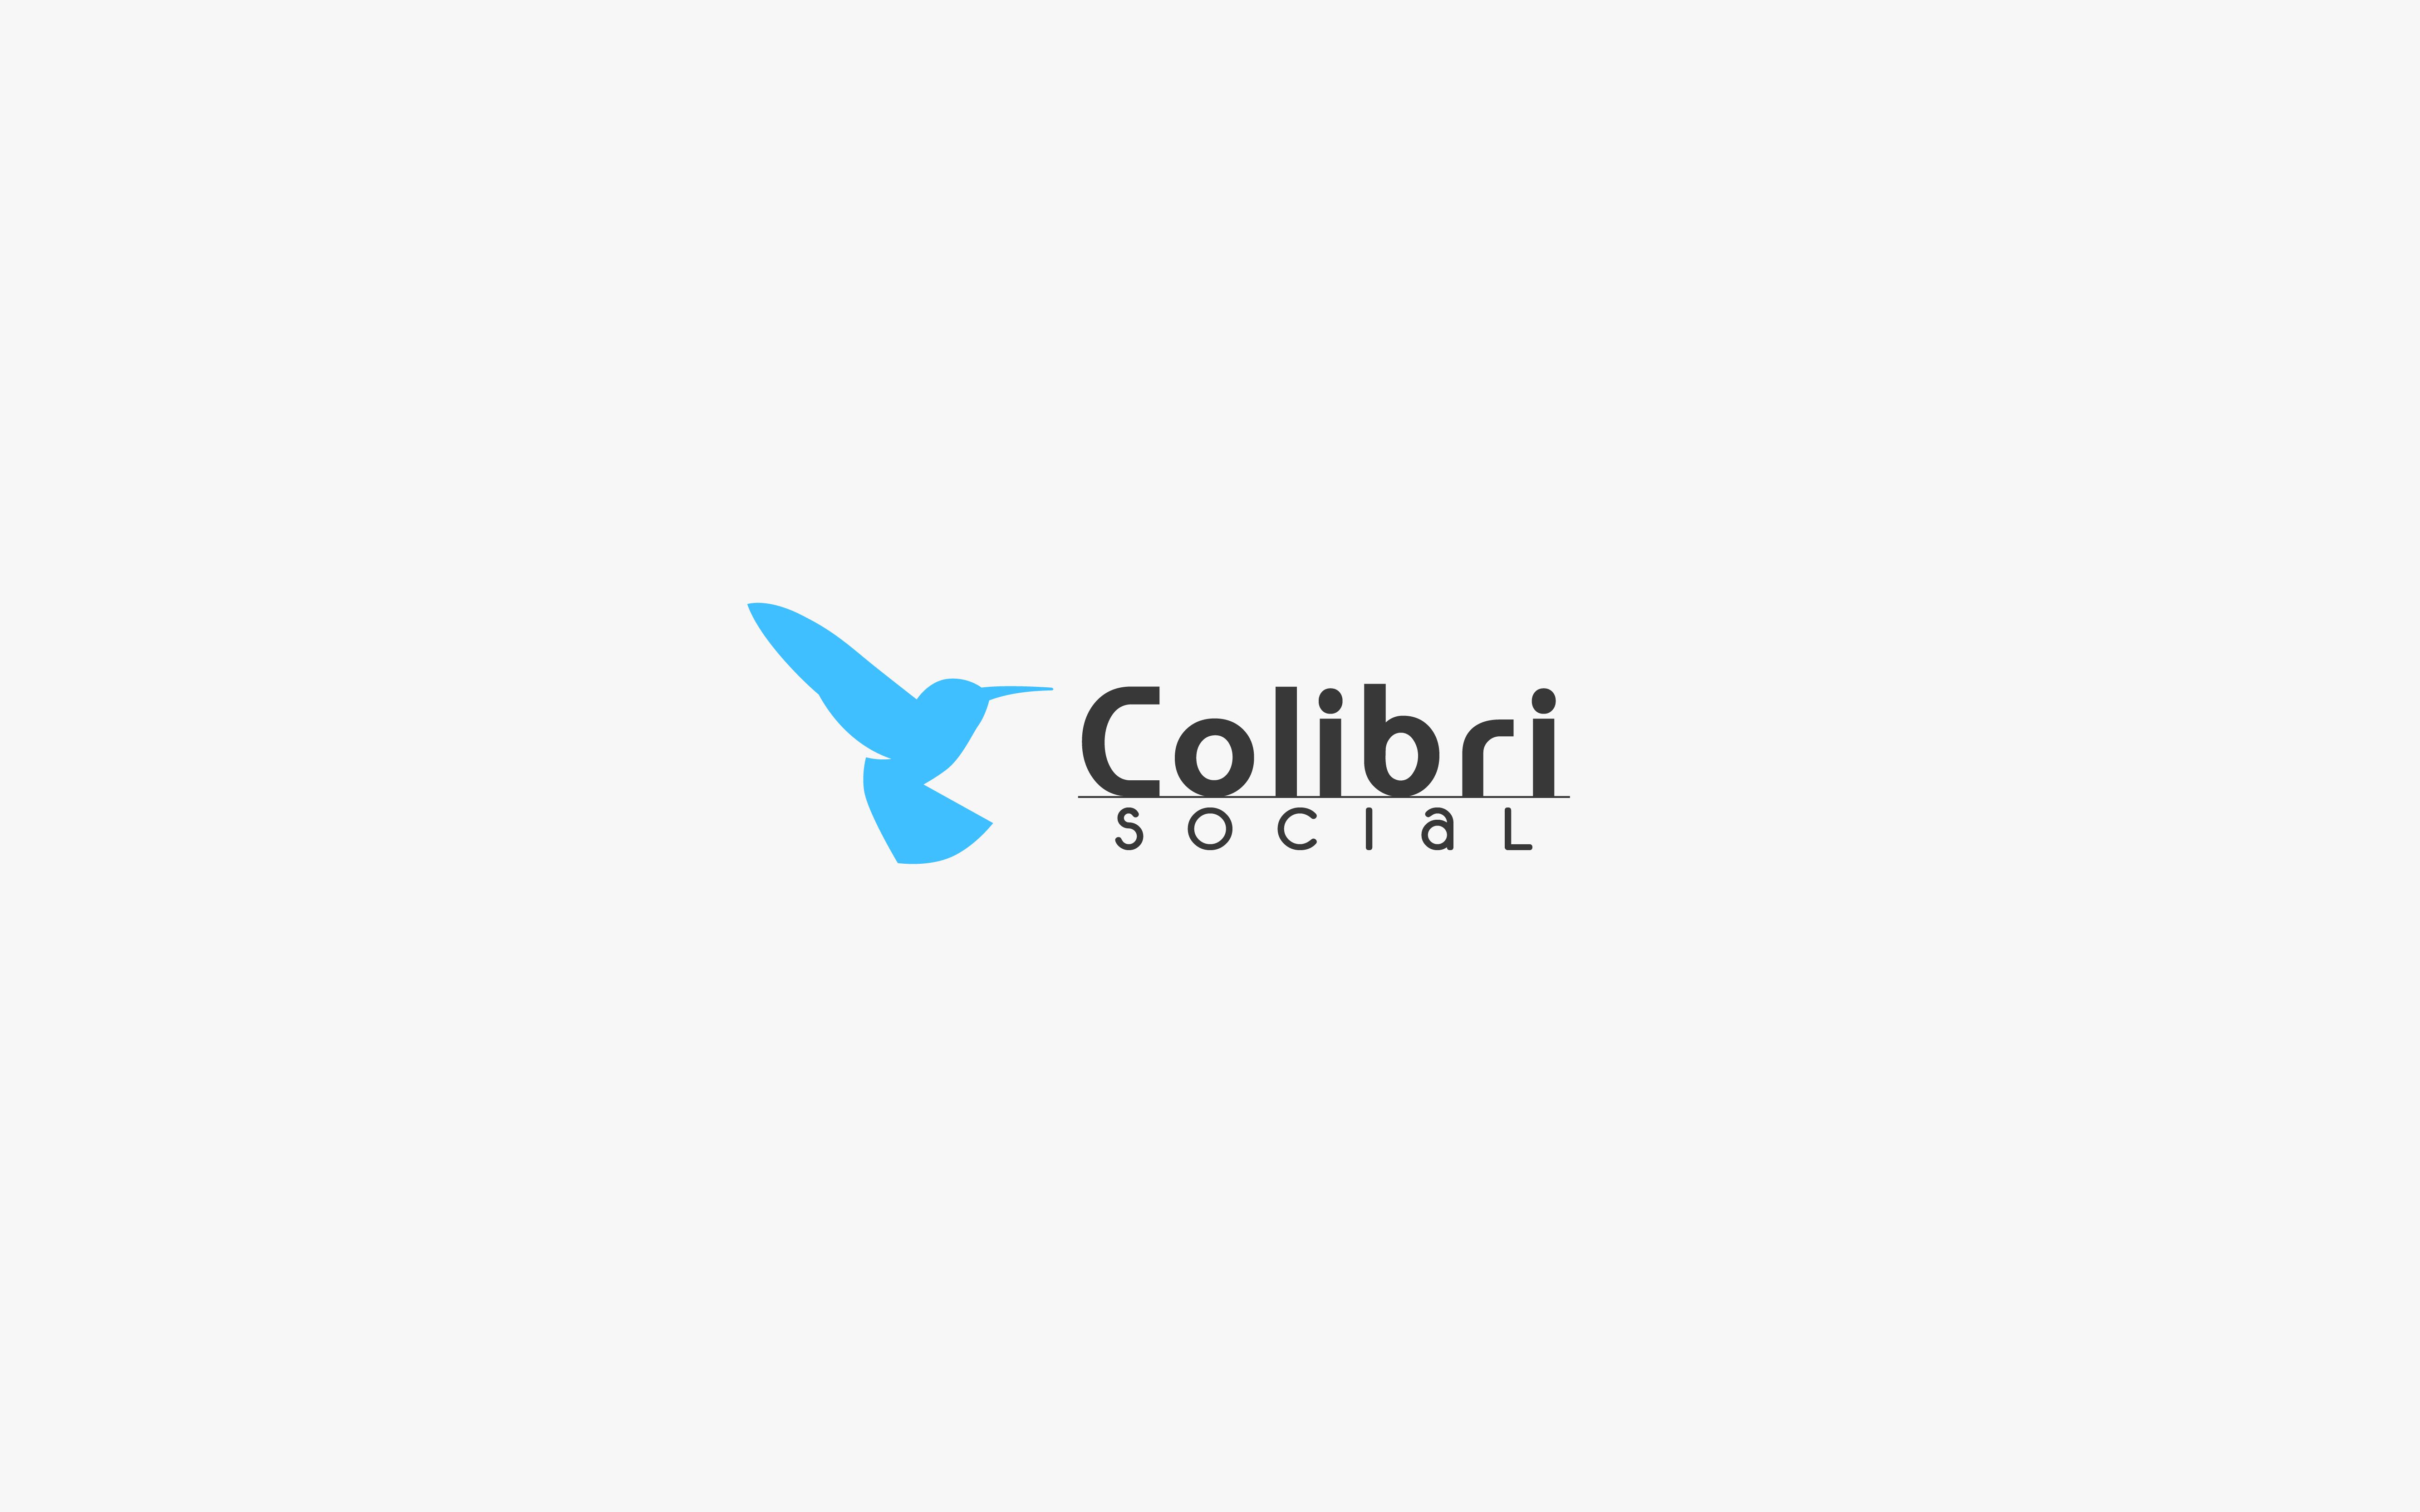 Дизайнер, разработка логотипа компании фото f_2245586d4b12793e.jpg